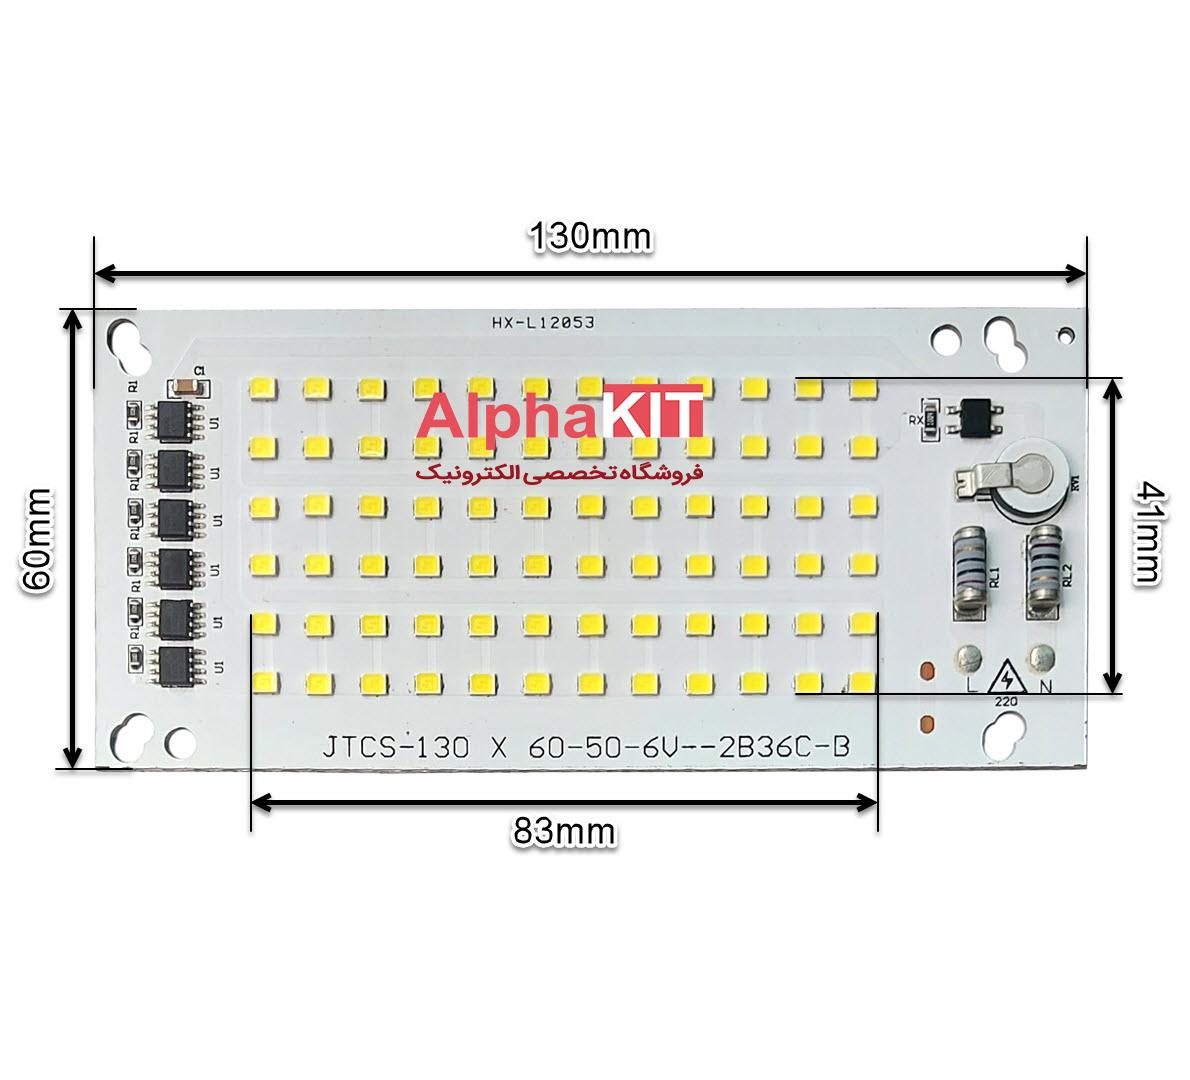 ابعاد ال ای دی پروژکتوریSMD 60w 220v سفید مهتابی – مدل HX-L12053